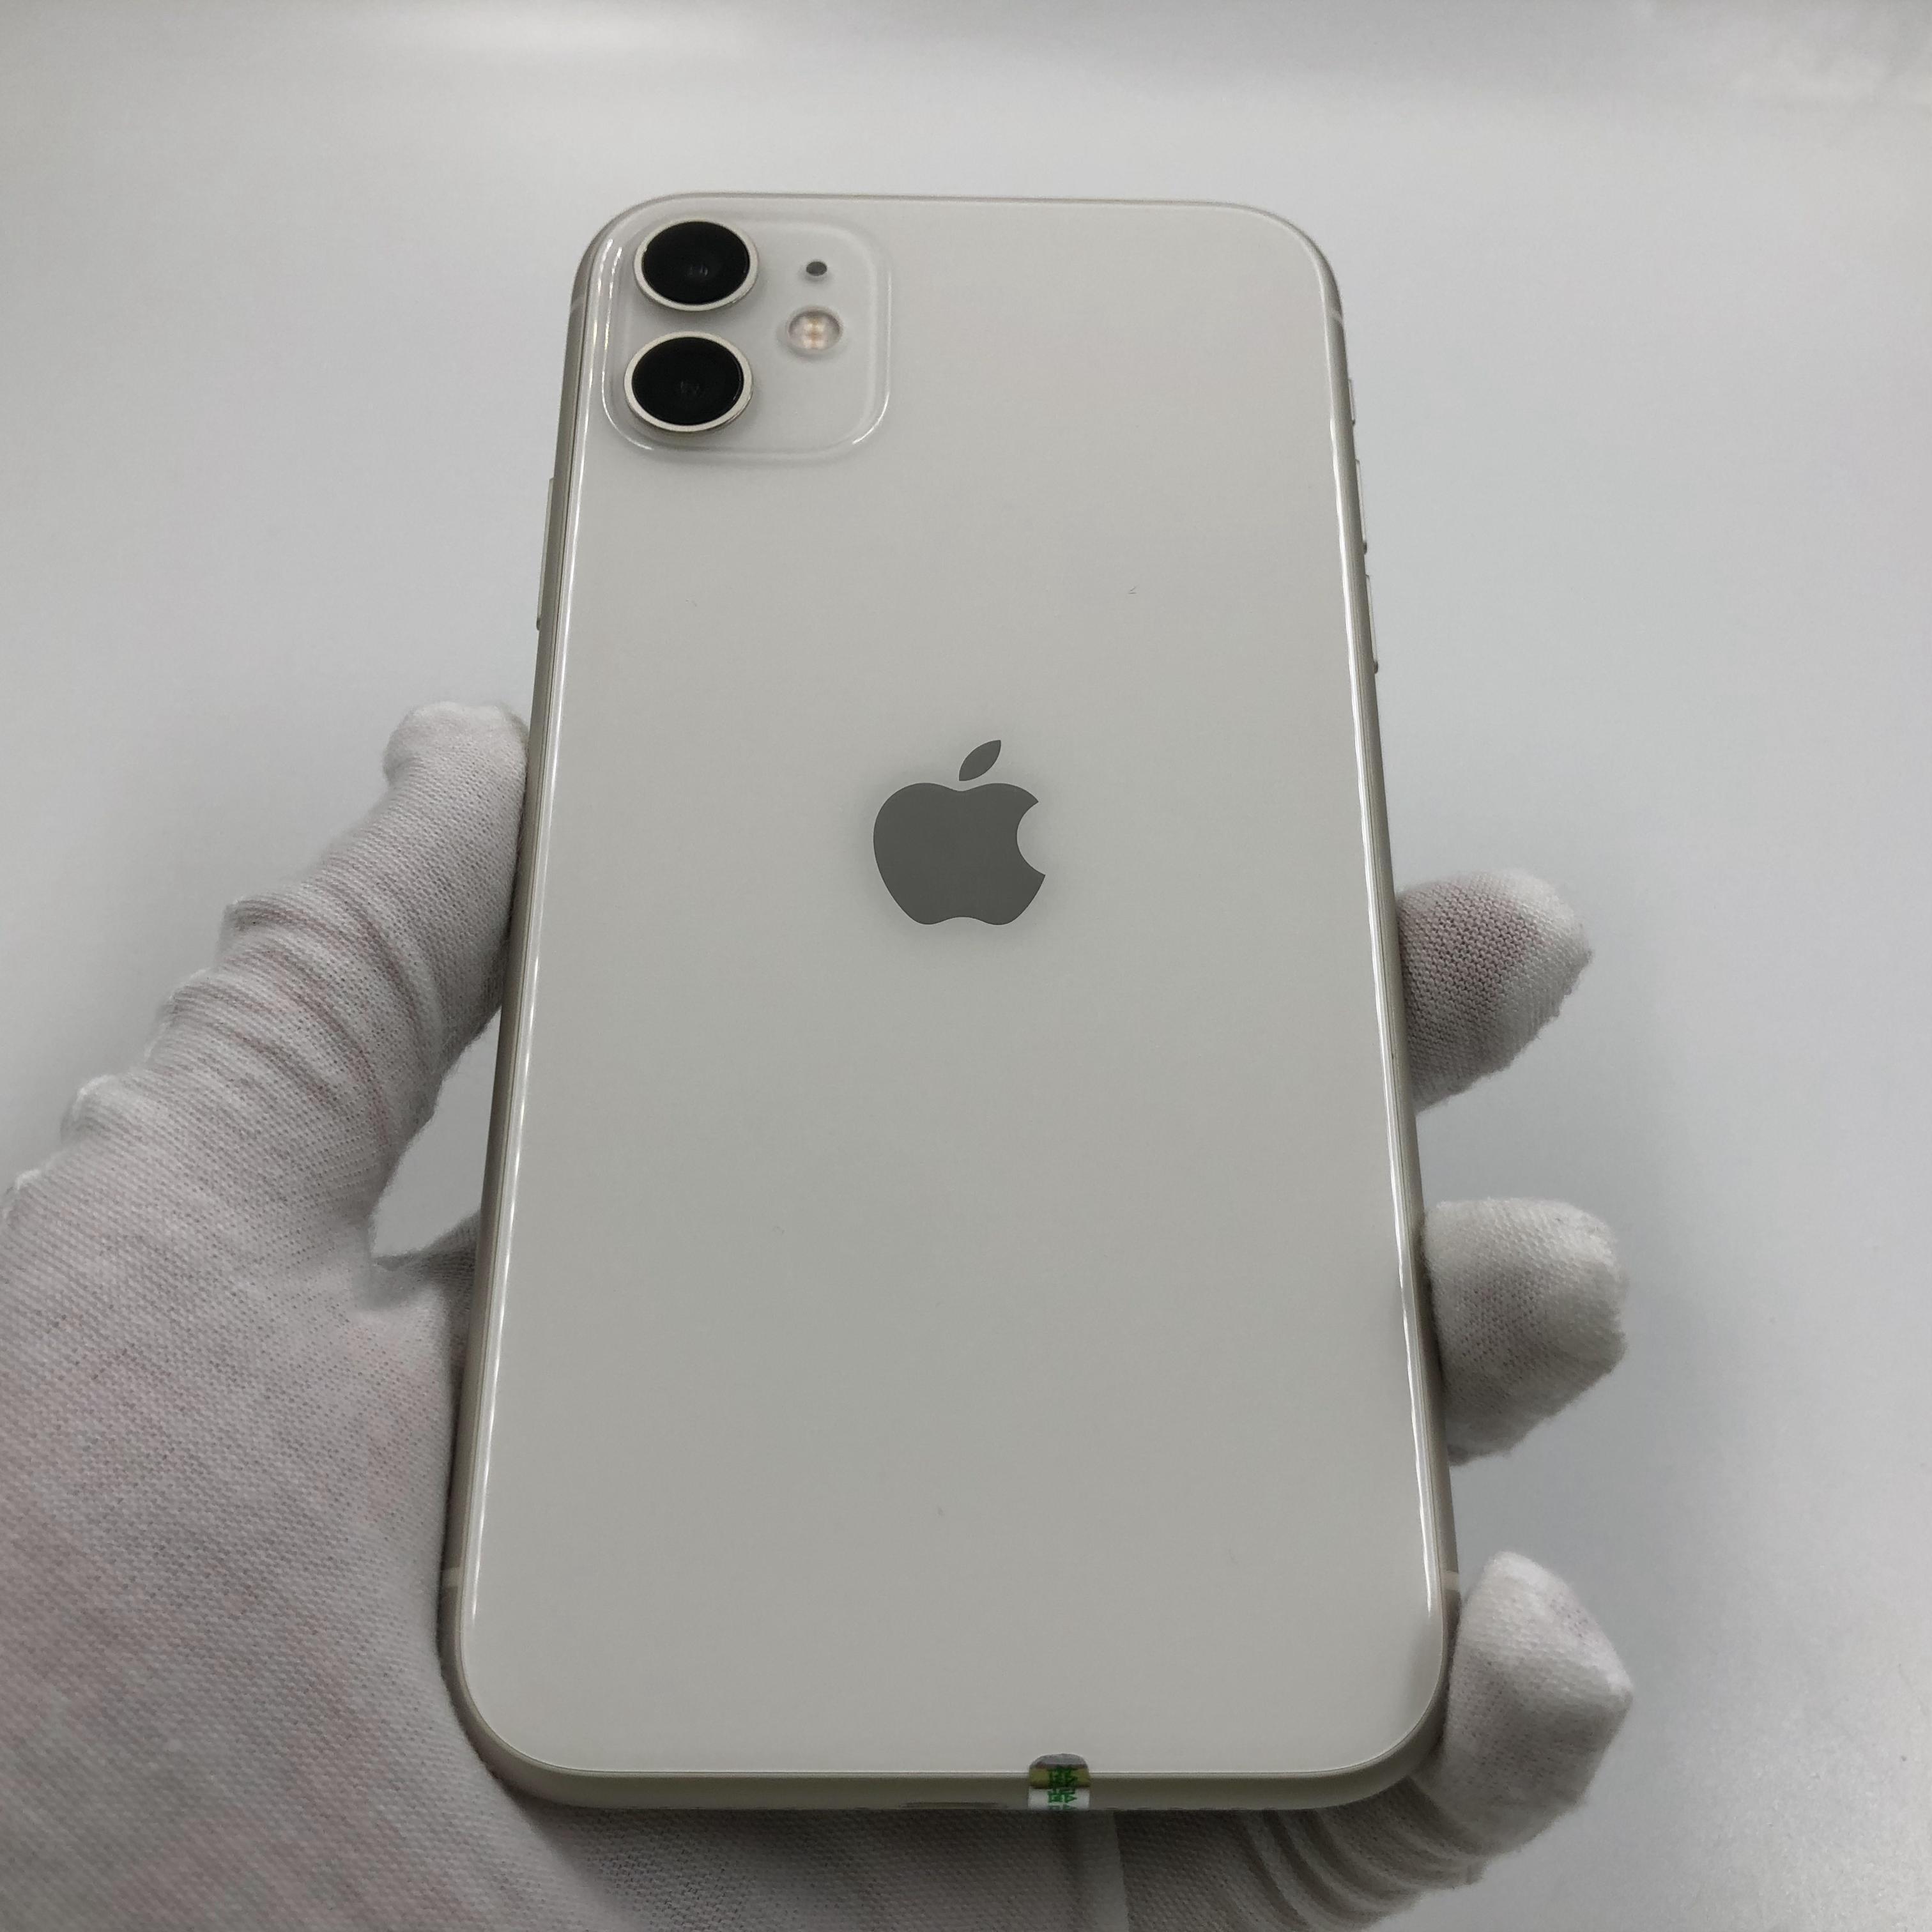 苹果【iPhone 11】4G全网通 白色 128G 国行 95新 真机实拍官保2021-07-21